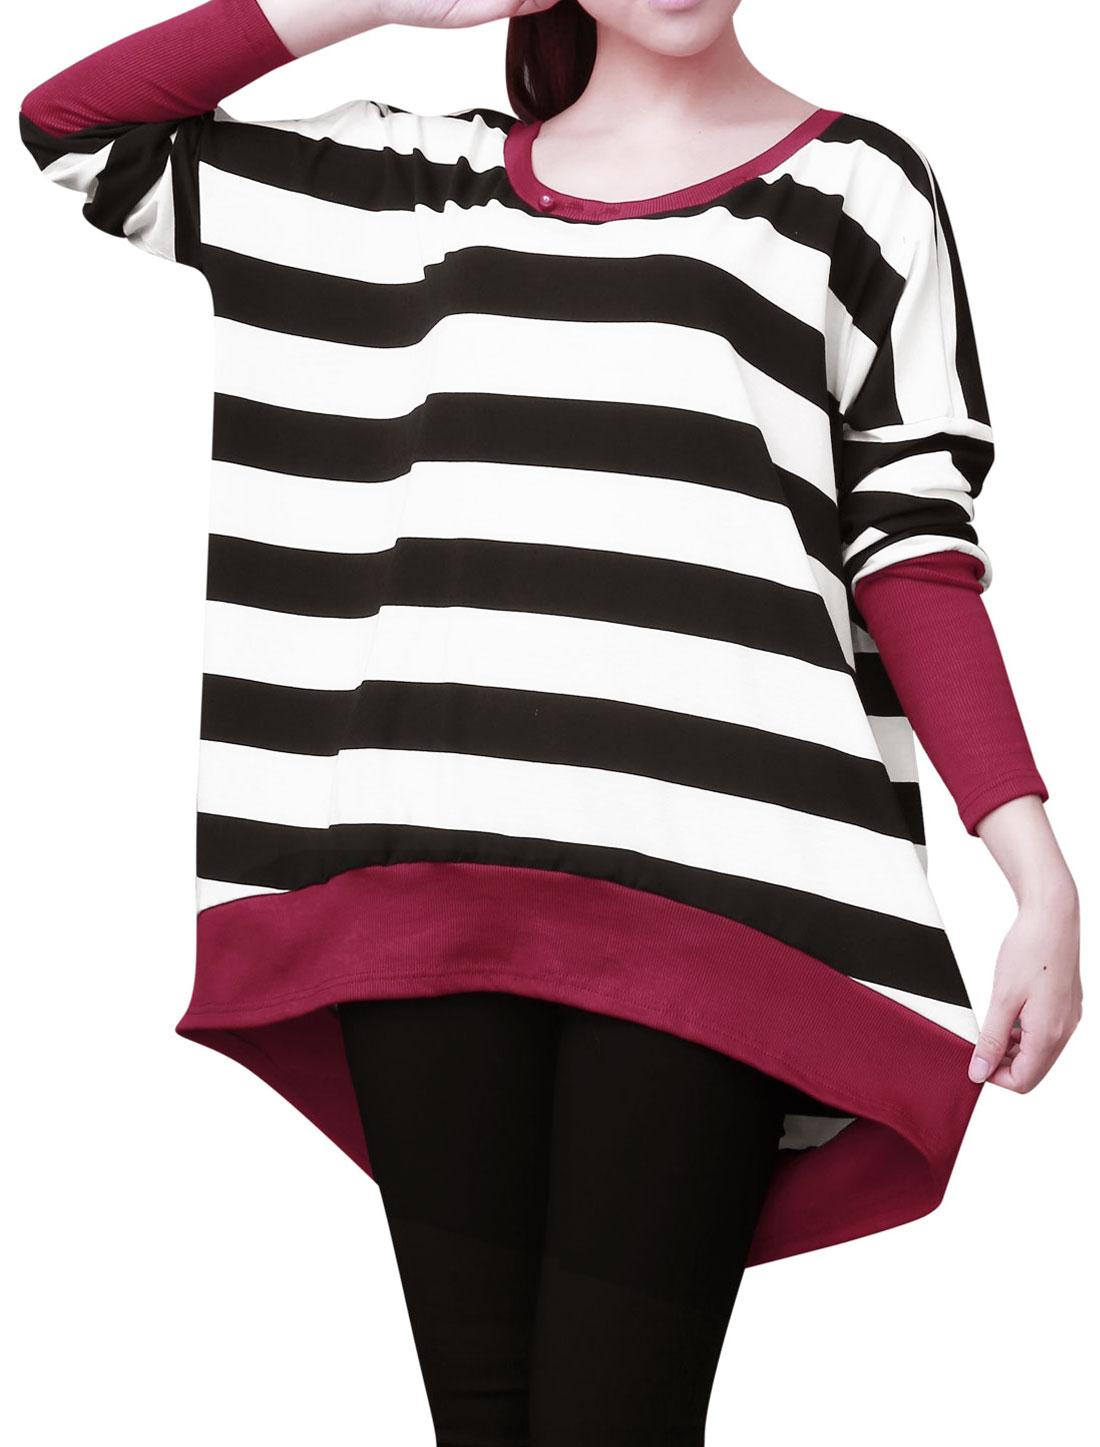 Lady Stripes Prints Cutout Sleeveless Black White Tops L